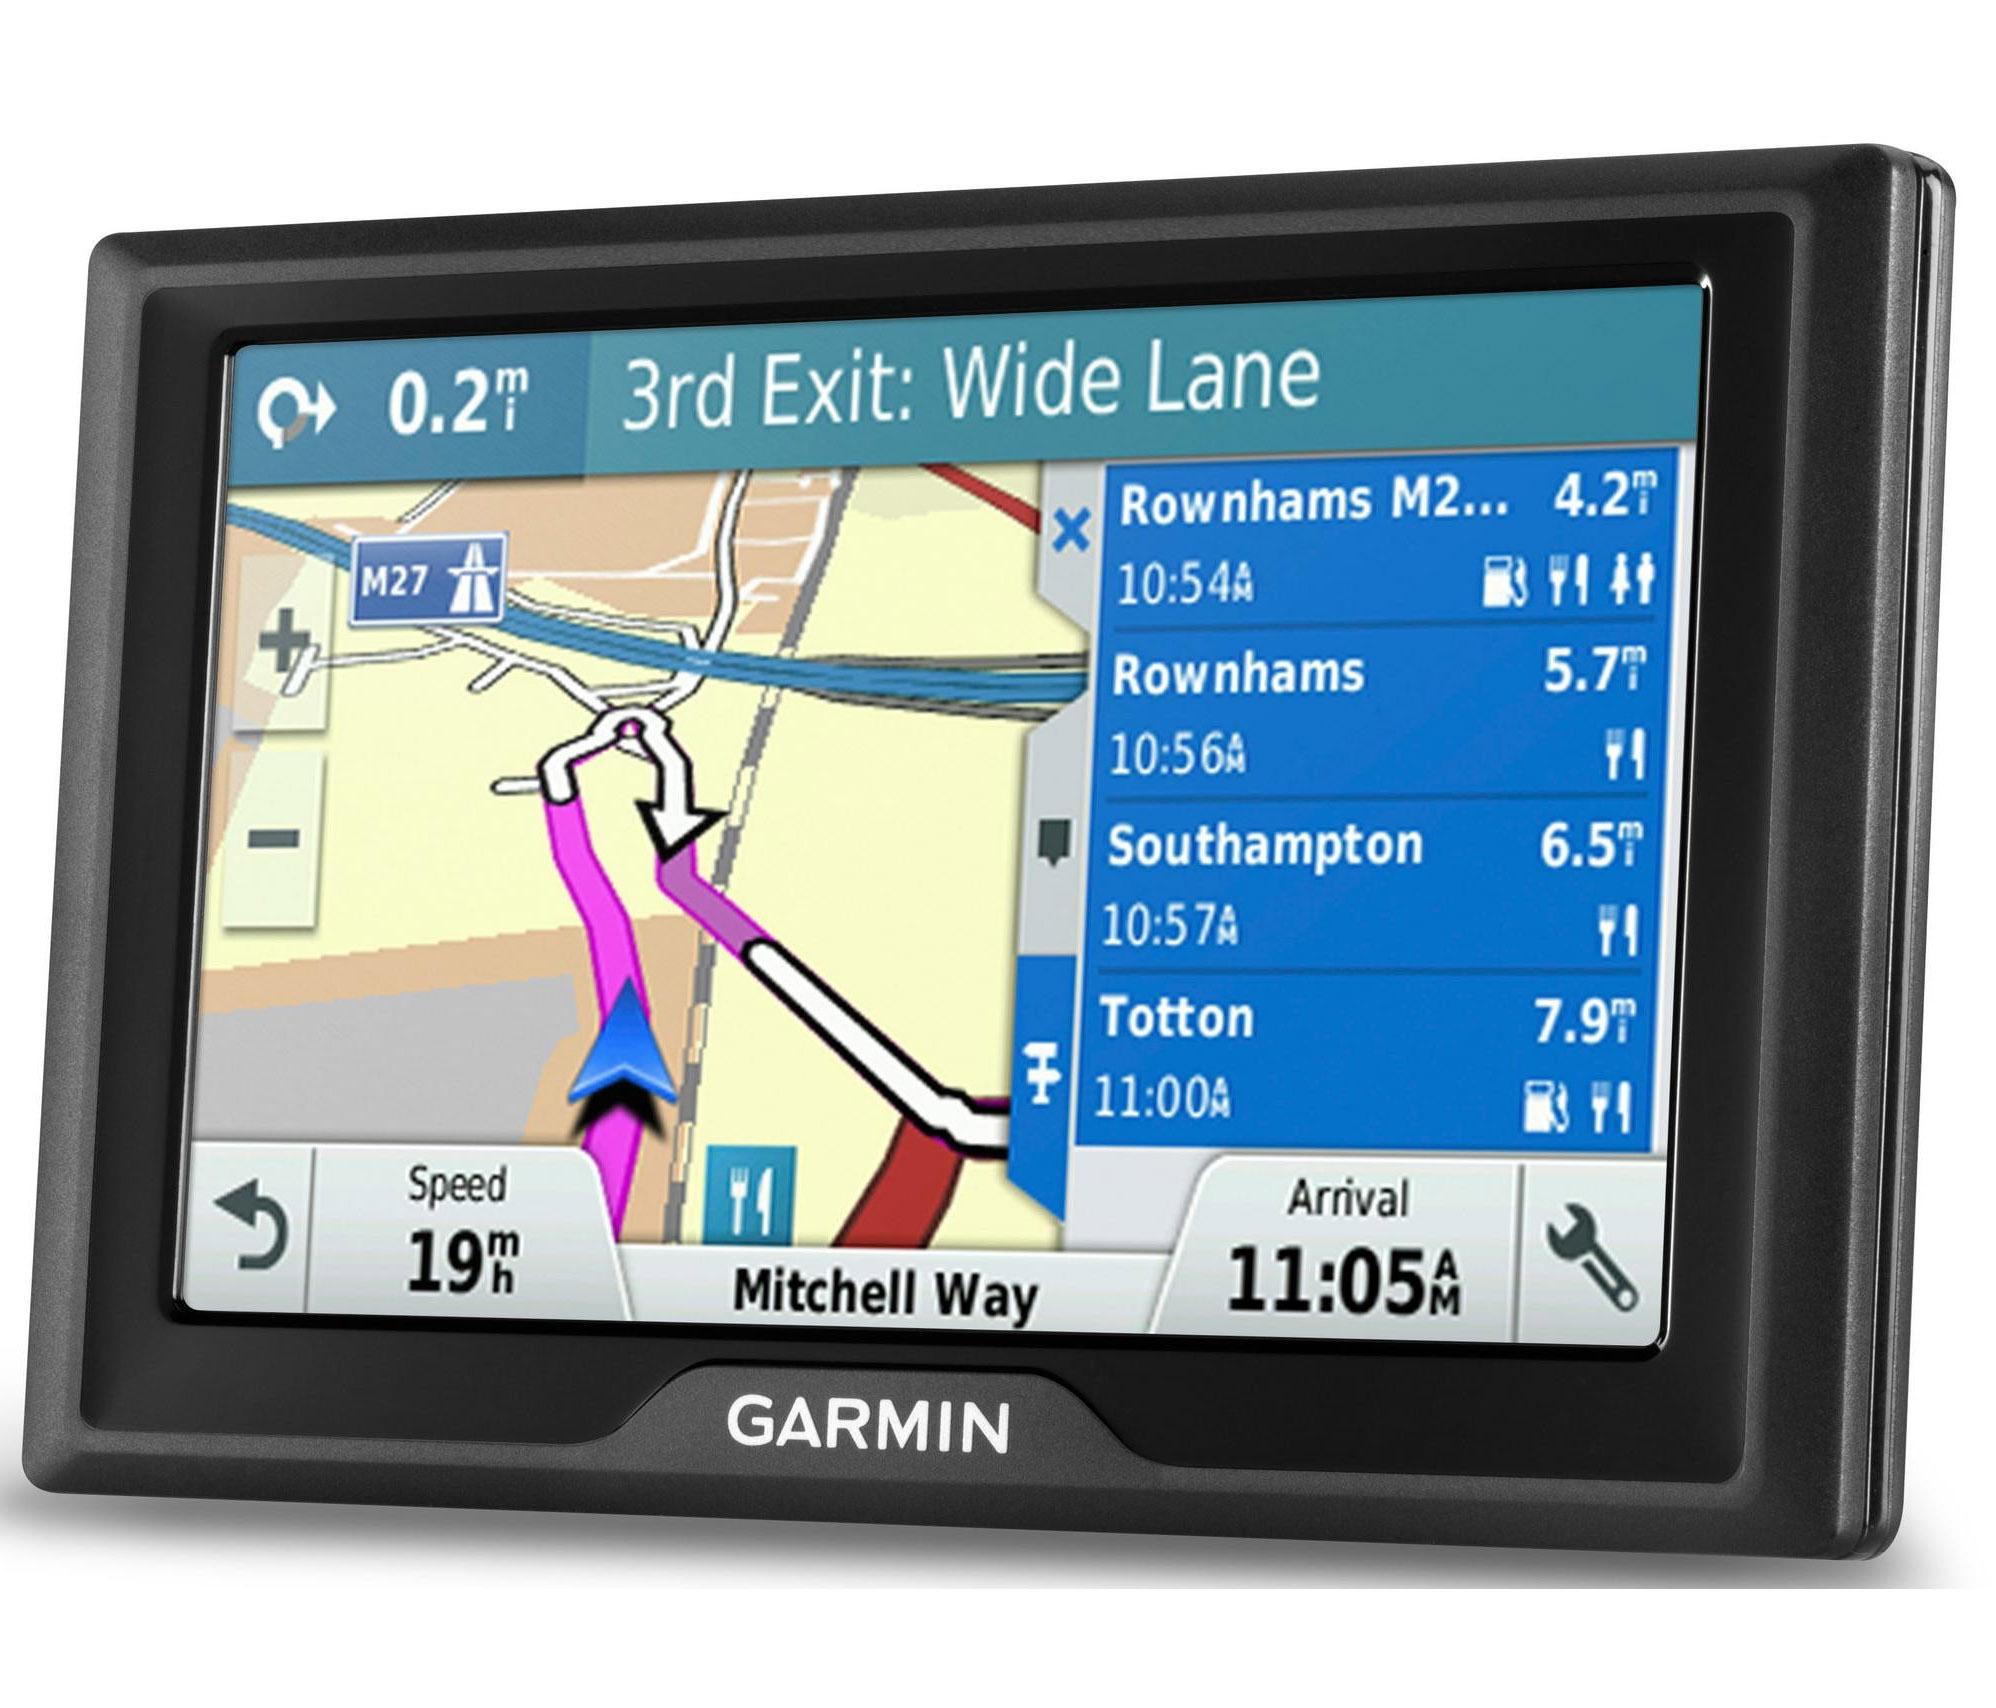 В сервиз Бургас Идеал Петрофф предлагаме актуализиране на карти на GPS навигация, както и обновяване на софтуер ако е необходимо. Предлагаме ви слагане на последните карти на България и Европа в GPS устройство – Garmin, TomTom и Navteq. Ако нямате опит с такива устройства, ако не можете да се регистритате или не може да свалите картите ние ще ъпдейтнем вашата навигация. В много случаи няма достатъчно място на устройството и за това се налага да се купи допълнителна карта памет.